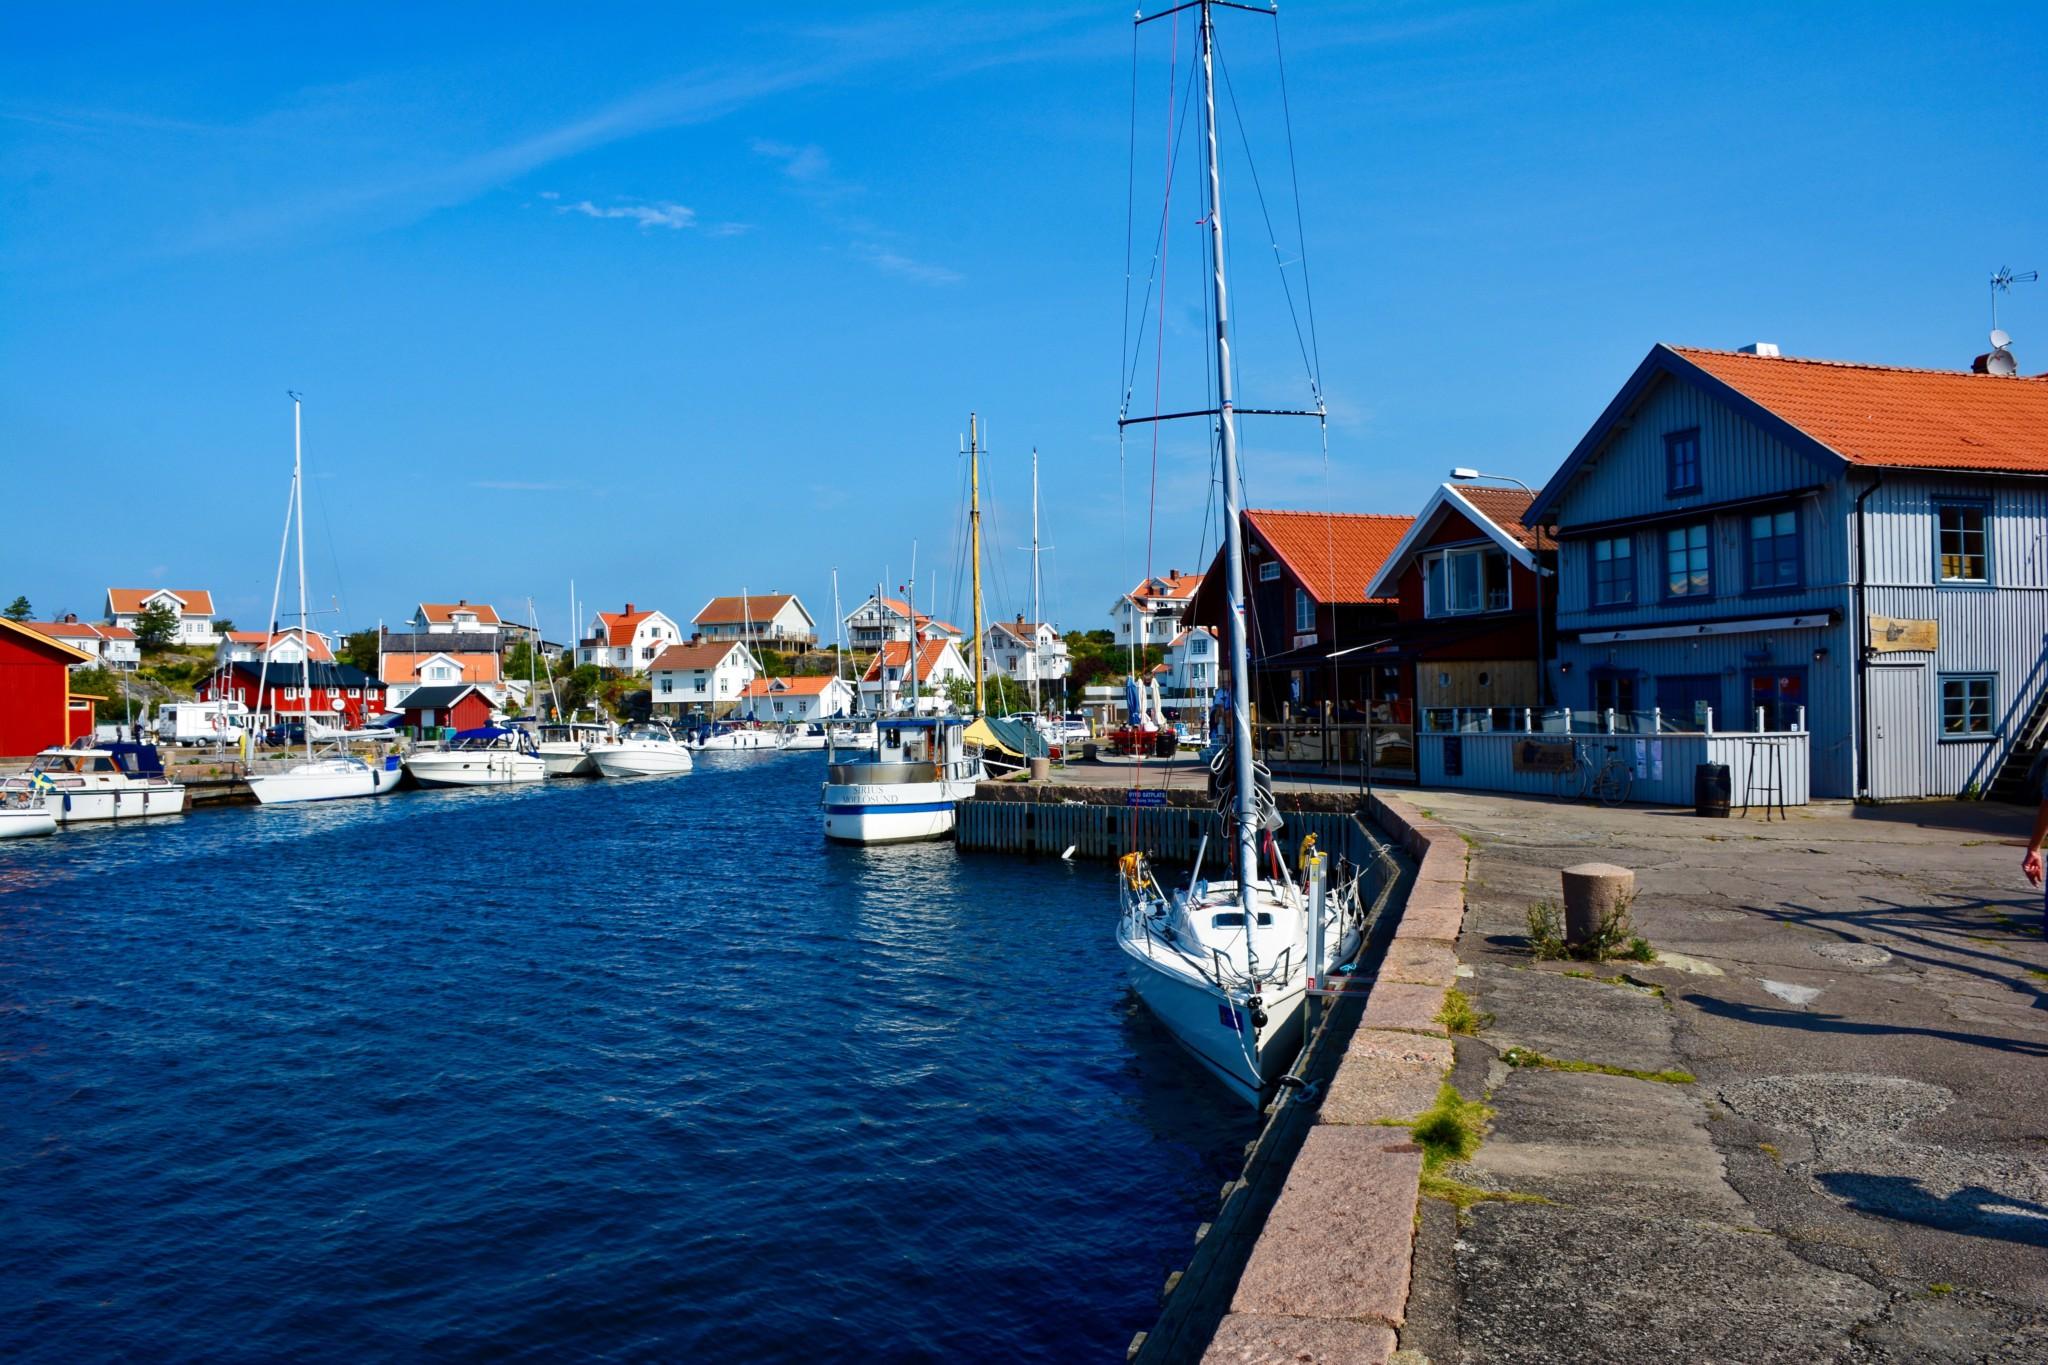 Hafen in Mollösund